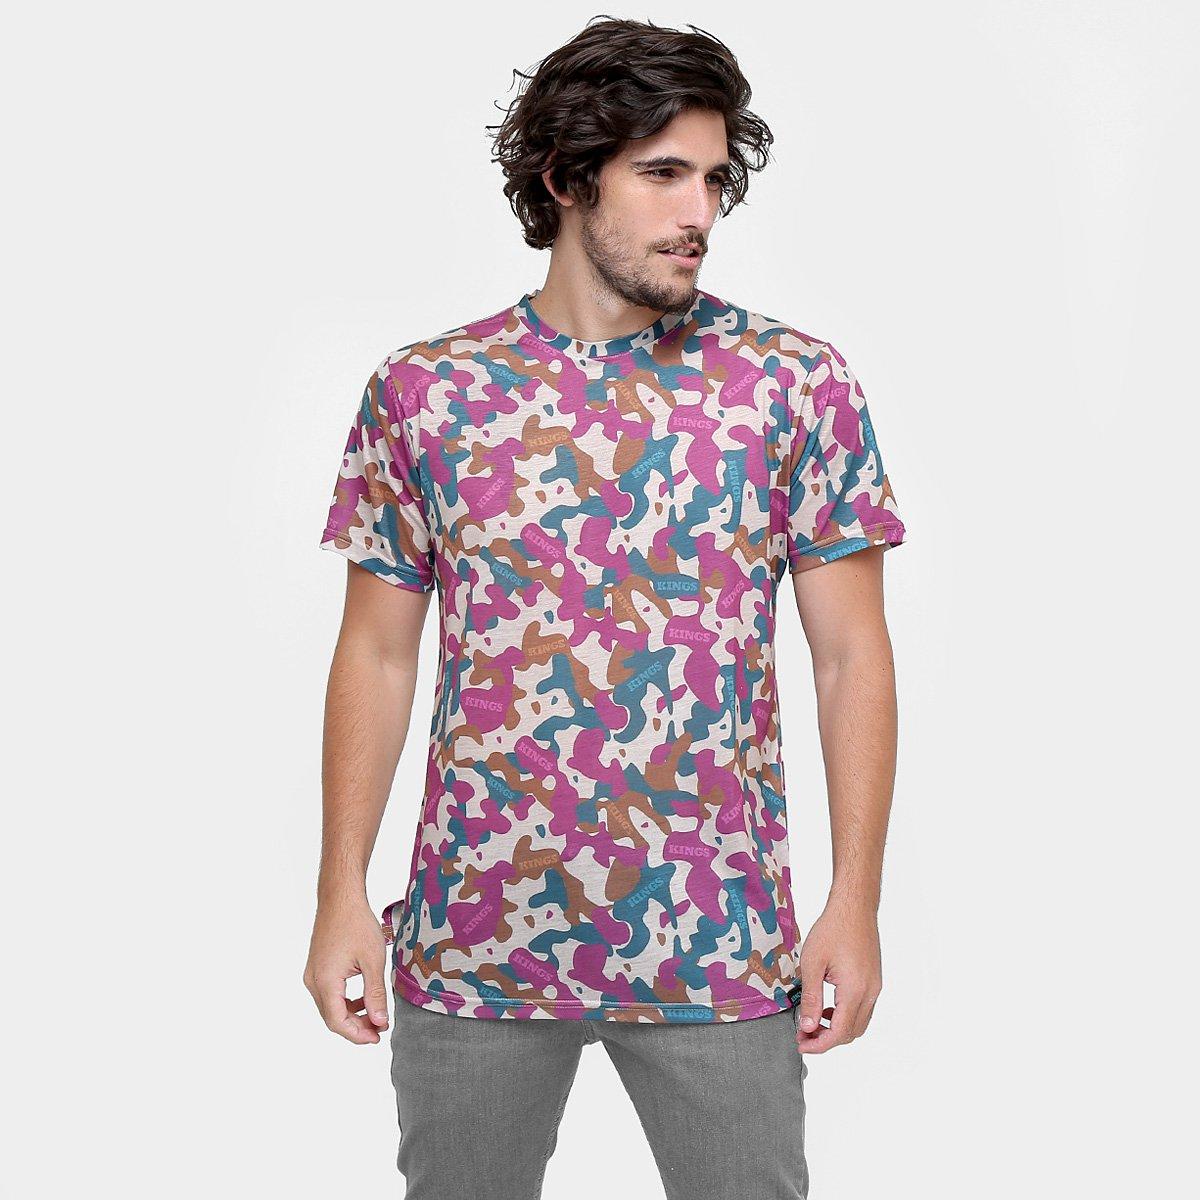 Camiseta Kings Oversized Camuflada Fraudada - Compre Agora  9554f9a7989